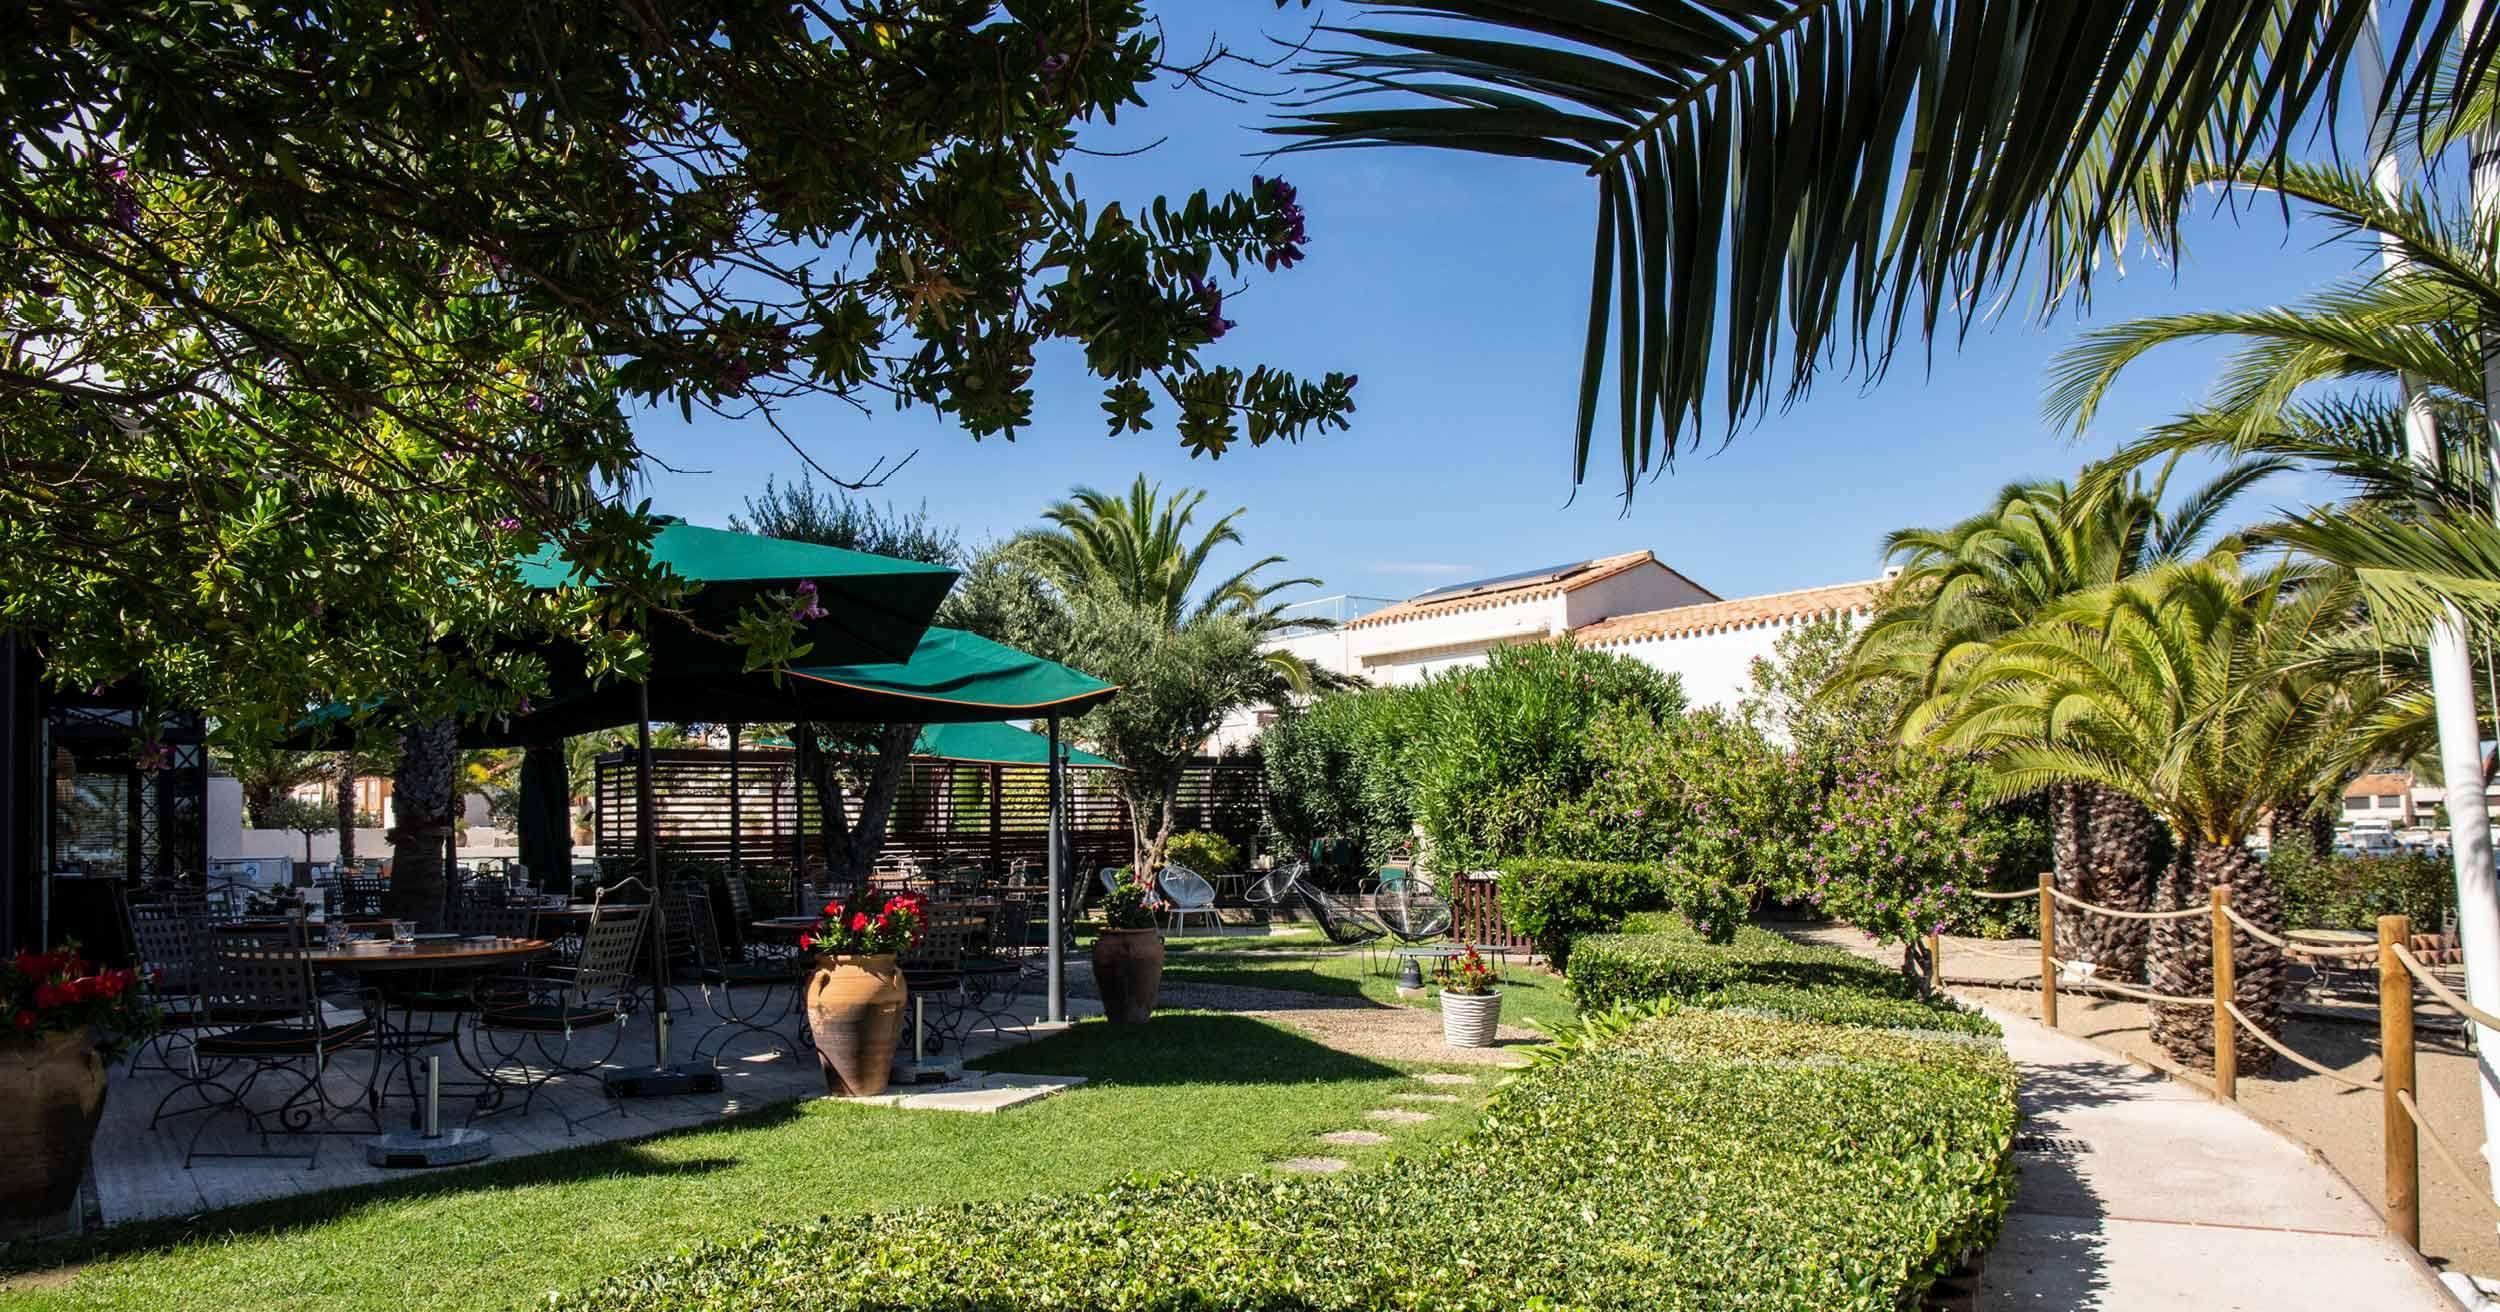 Le restaurant L'Almandin à Saint-Cyprien, 1 étoile au guide Michelin, côté jardin.